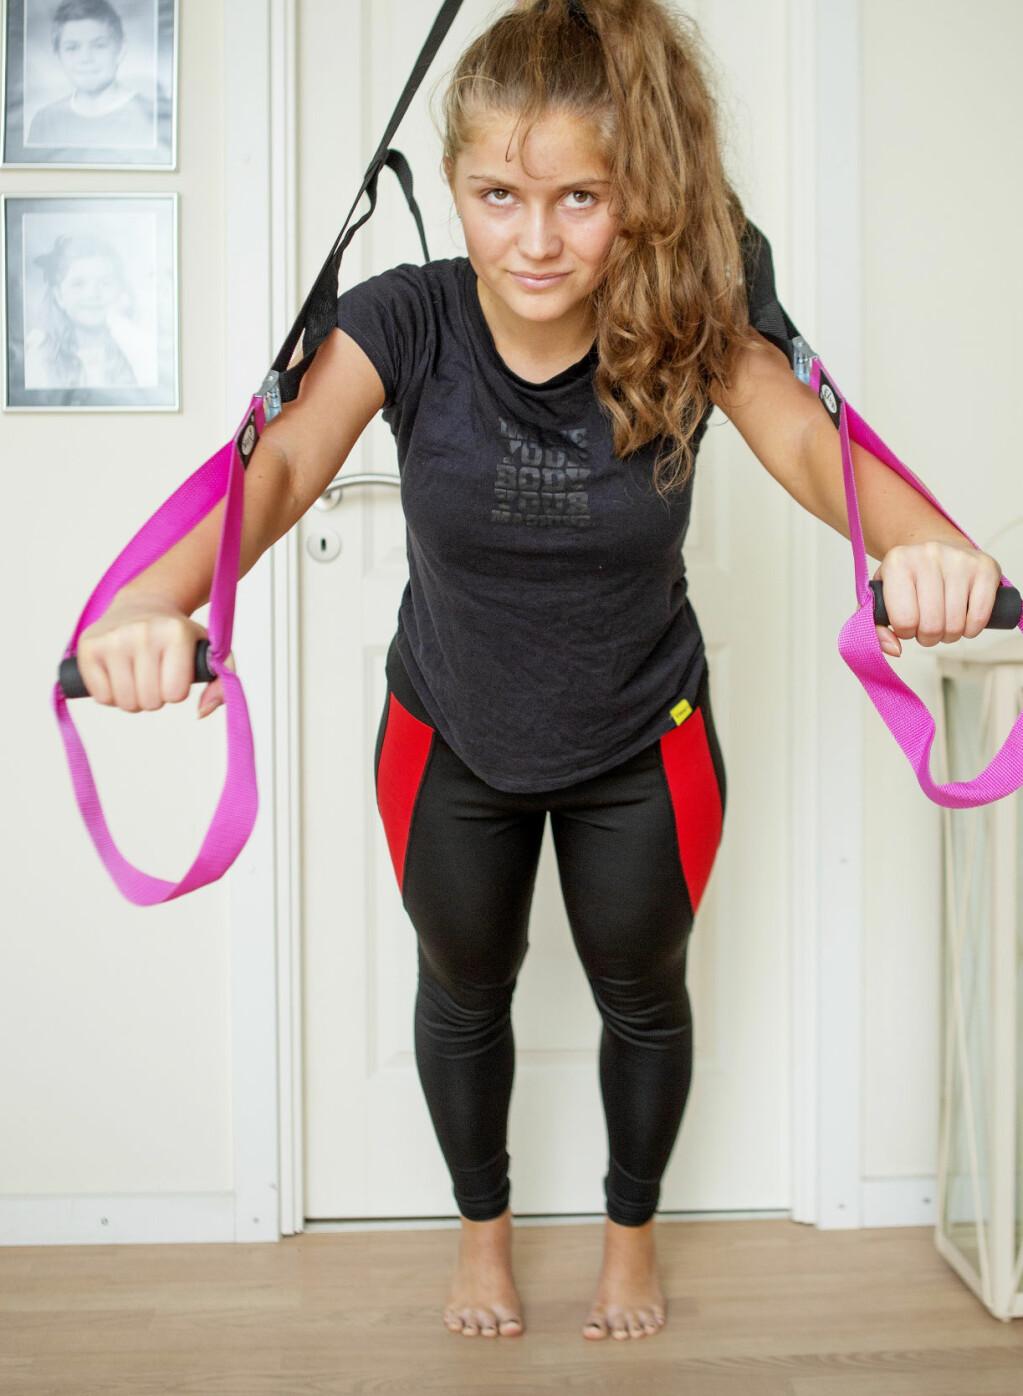 Sacha i träningskläder tränar muskler med styrkeband i hemmet.